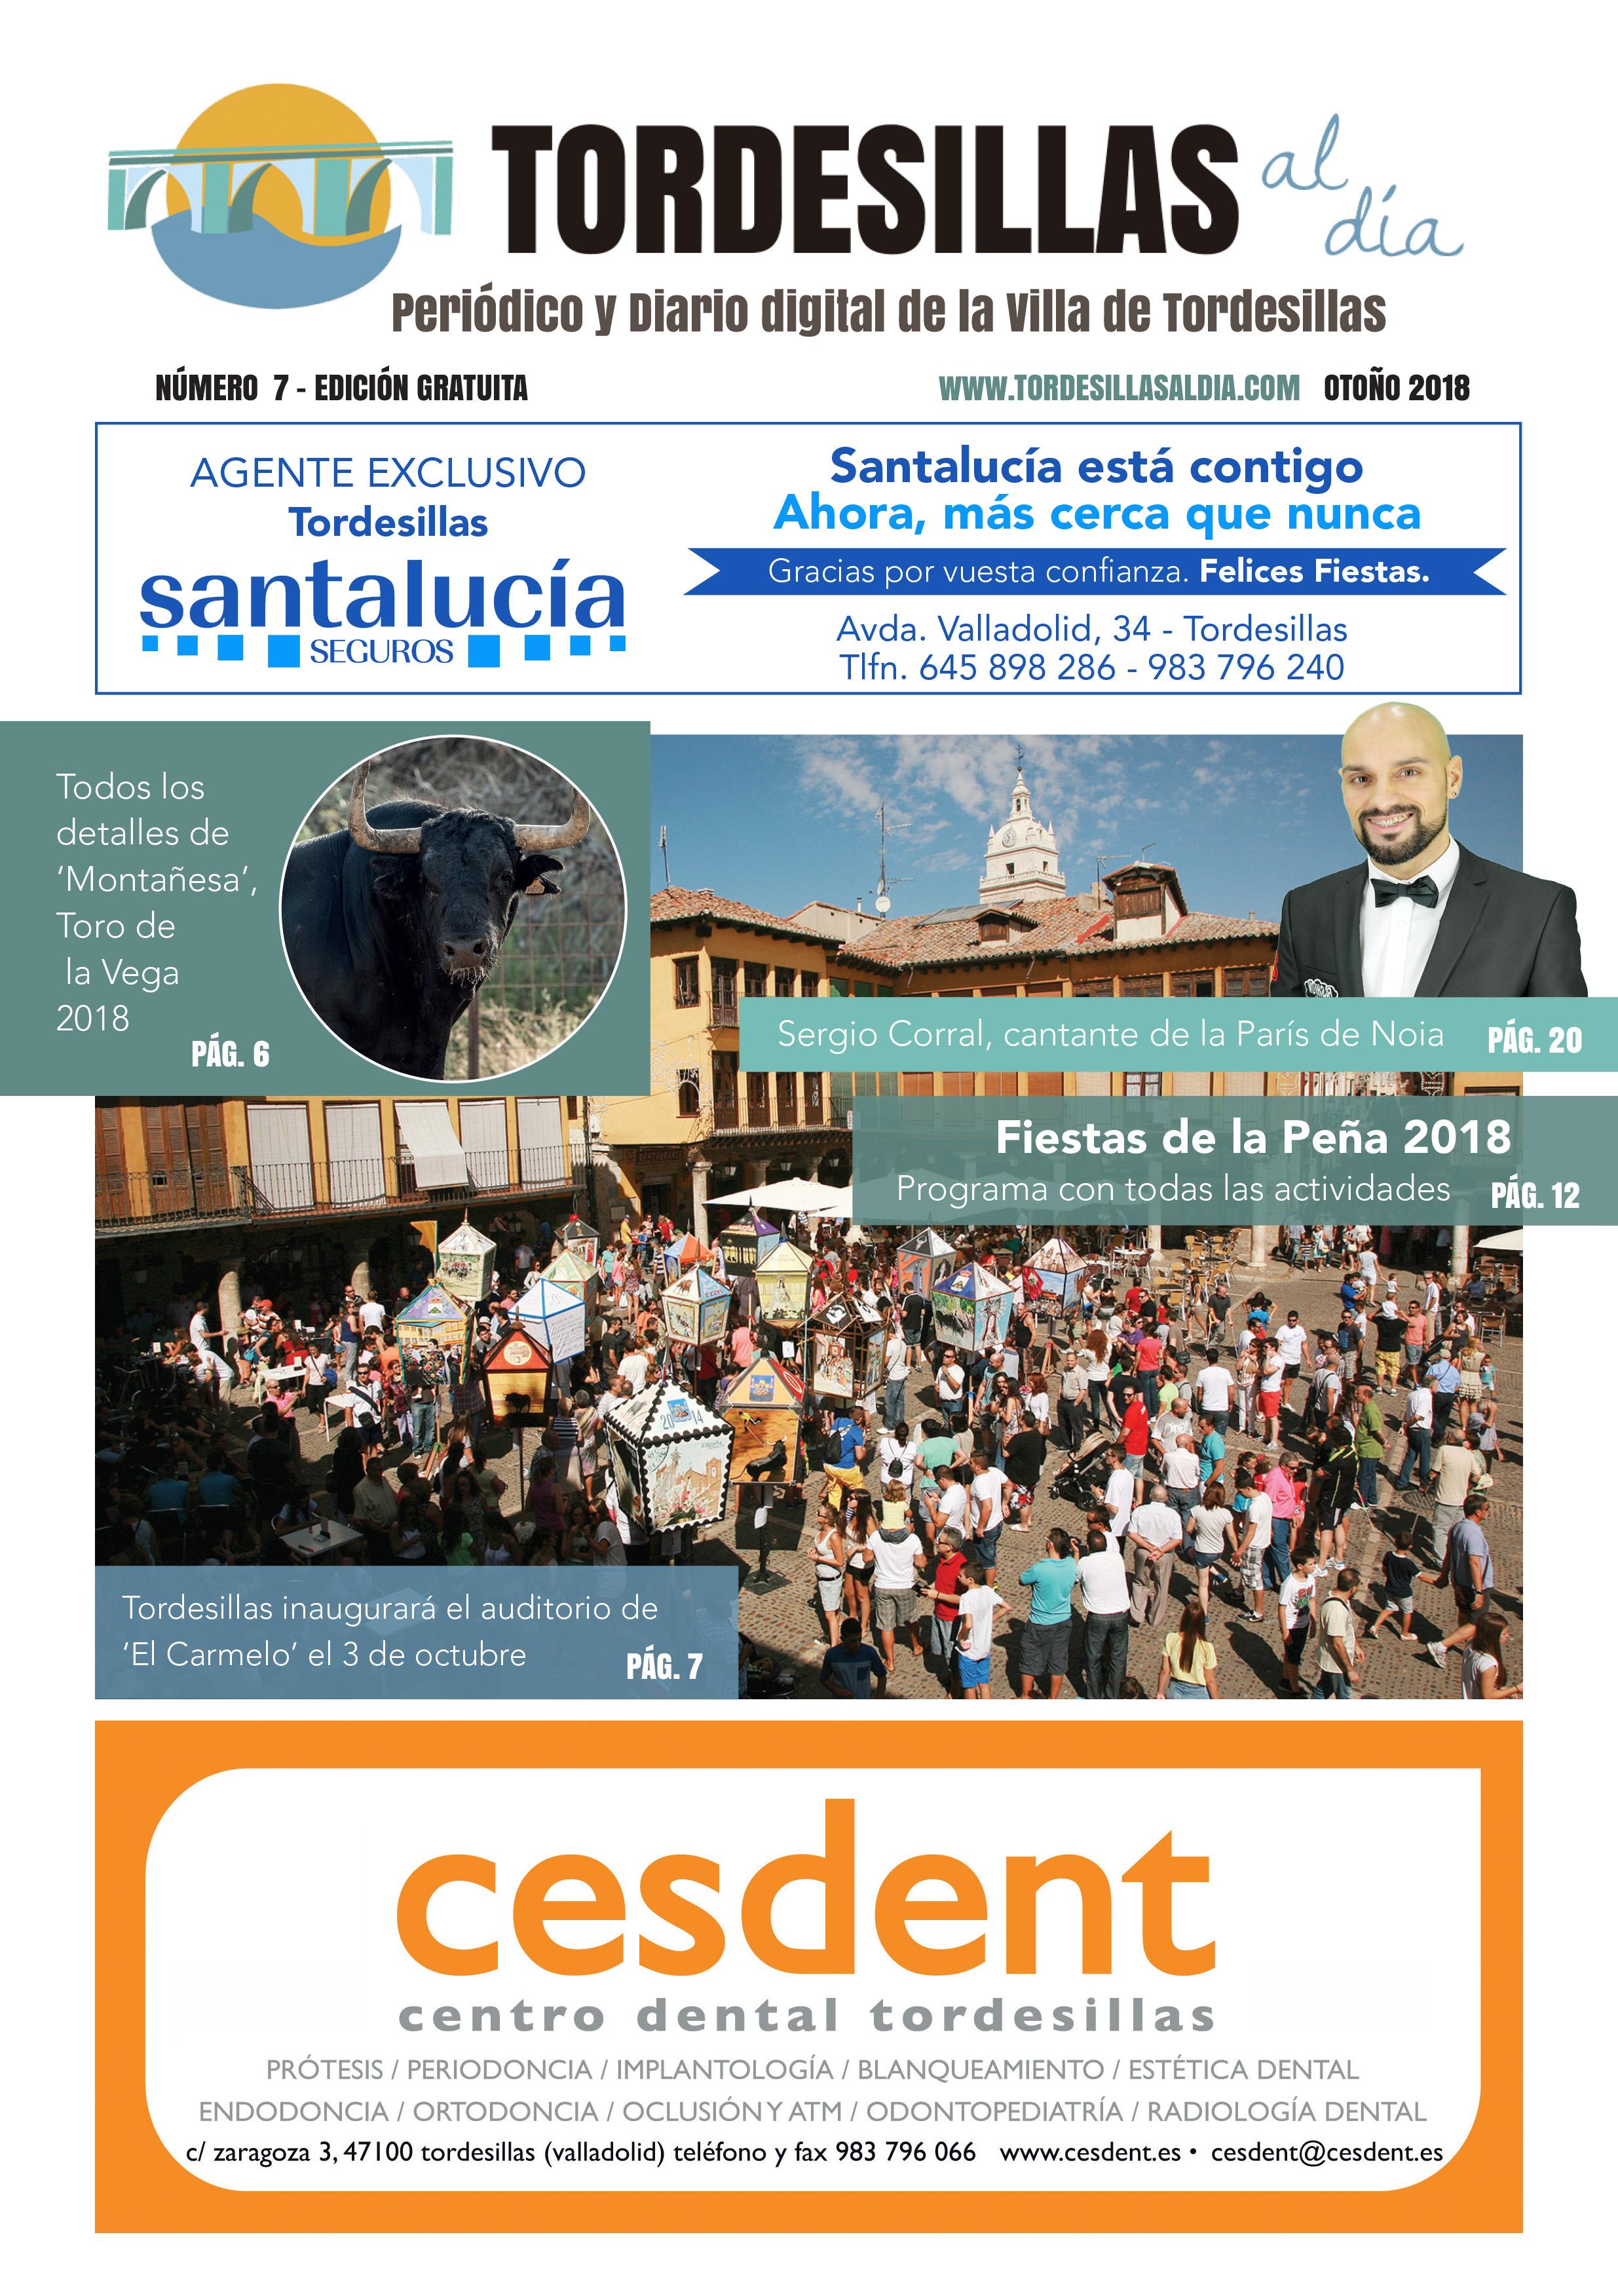 Portada de la séptima edición de la revista Tordesillas al día